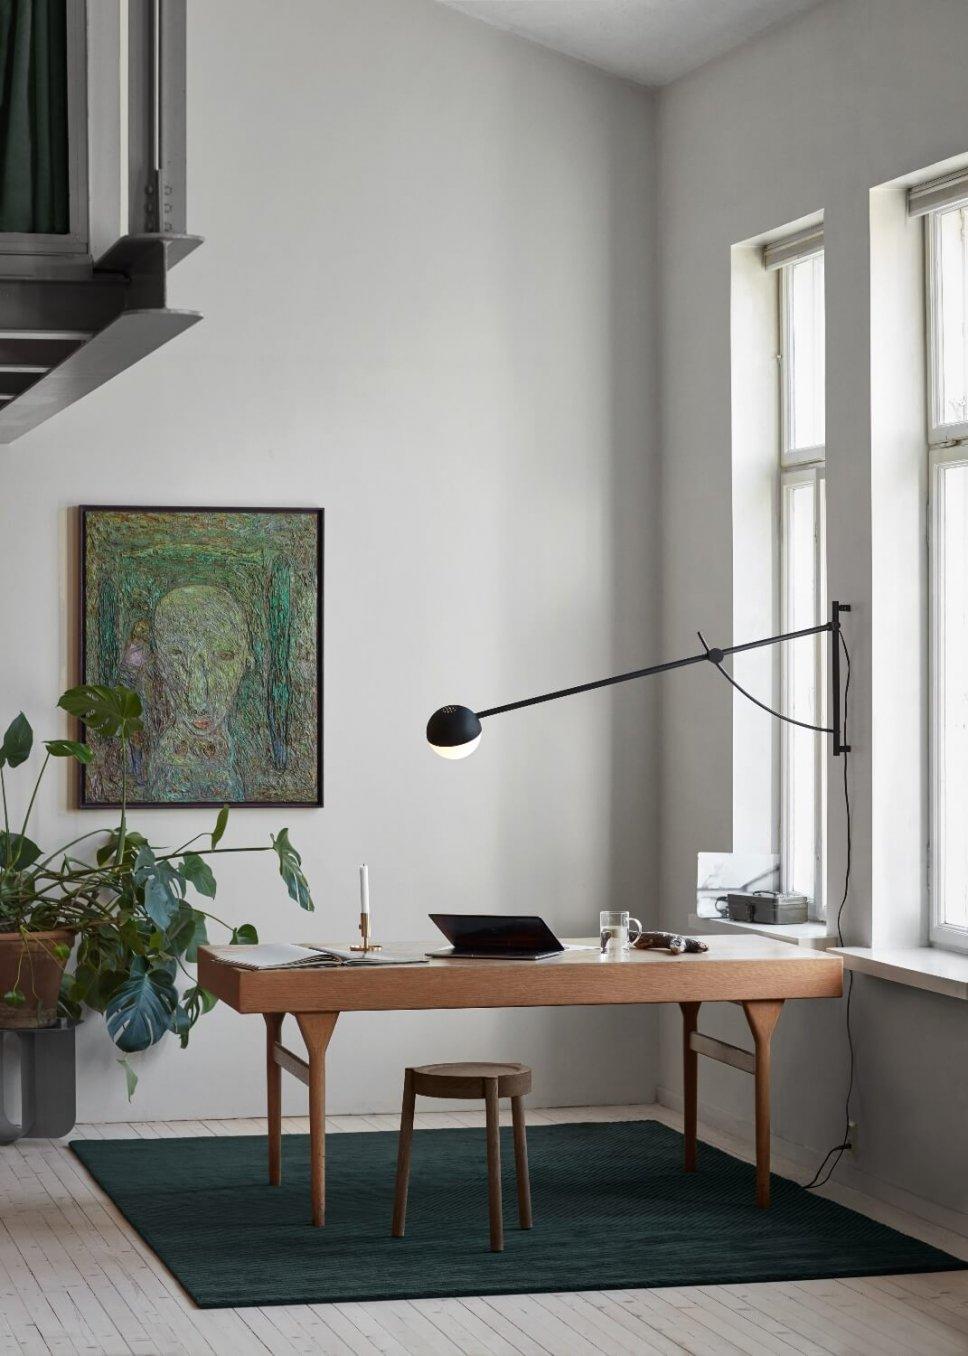 Moderne Wandleuchte hängt über Schreibtisch